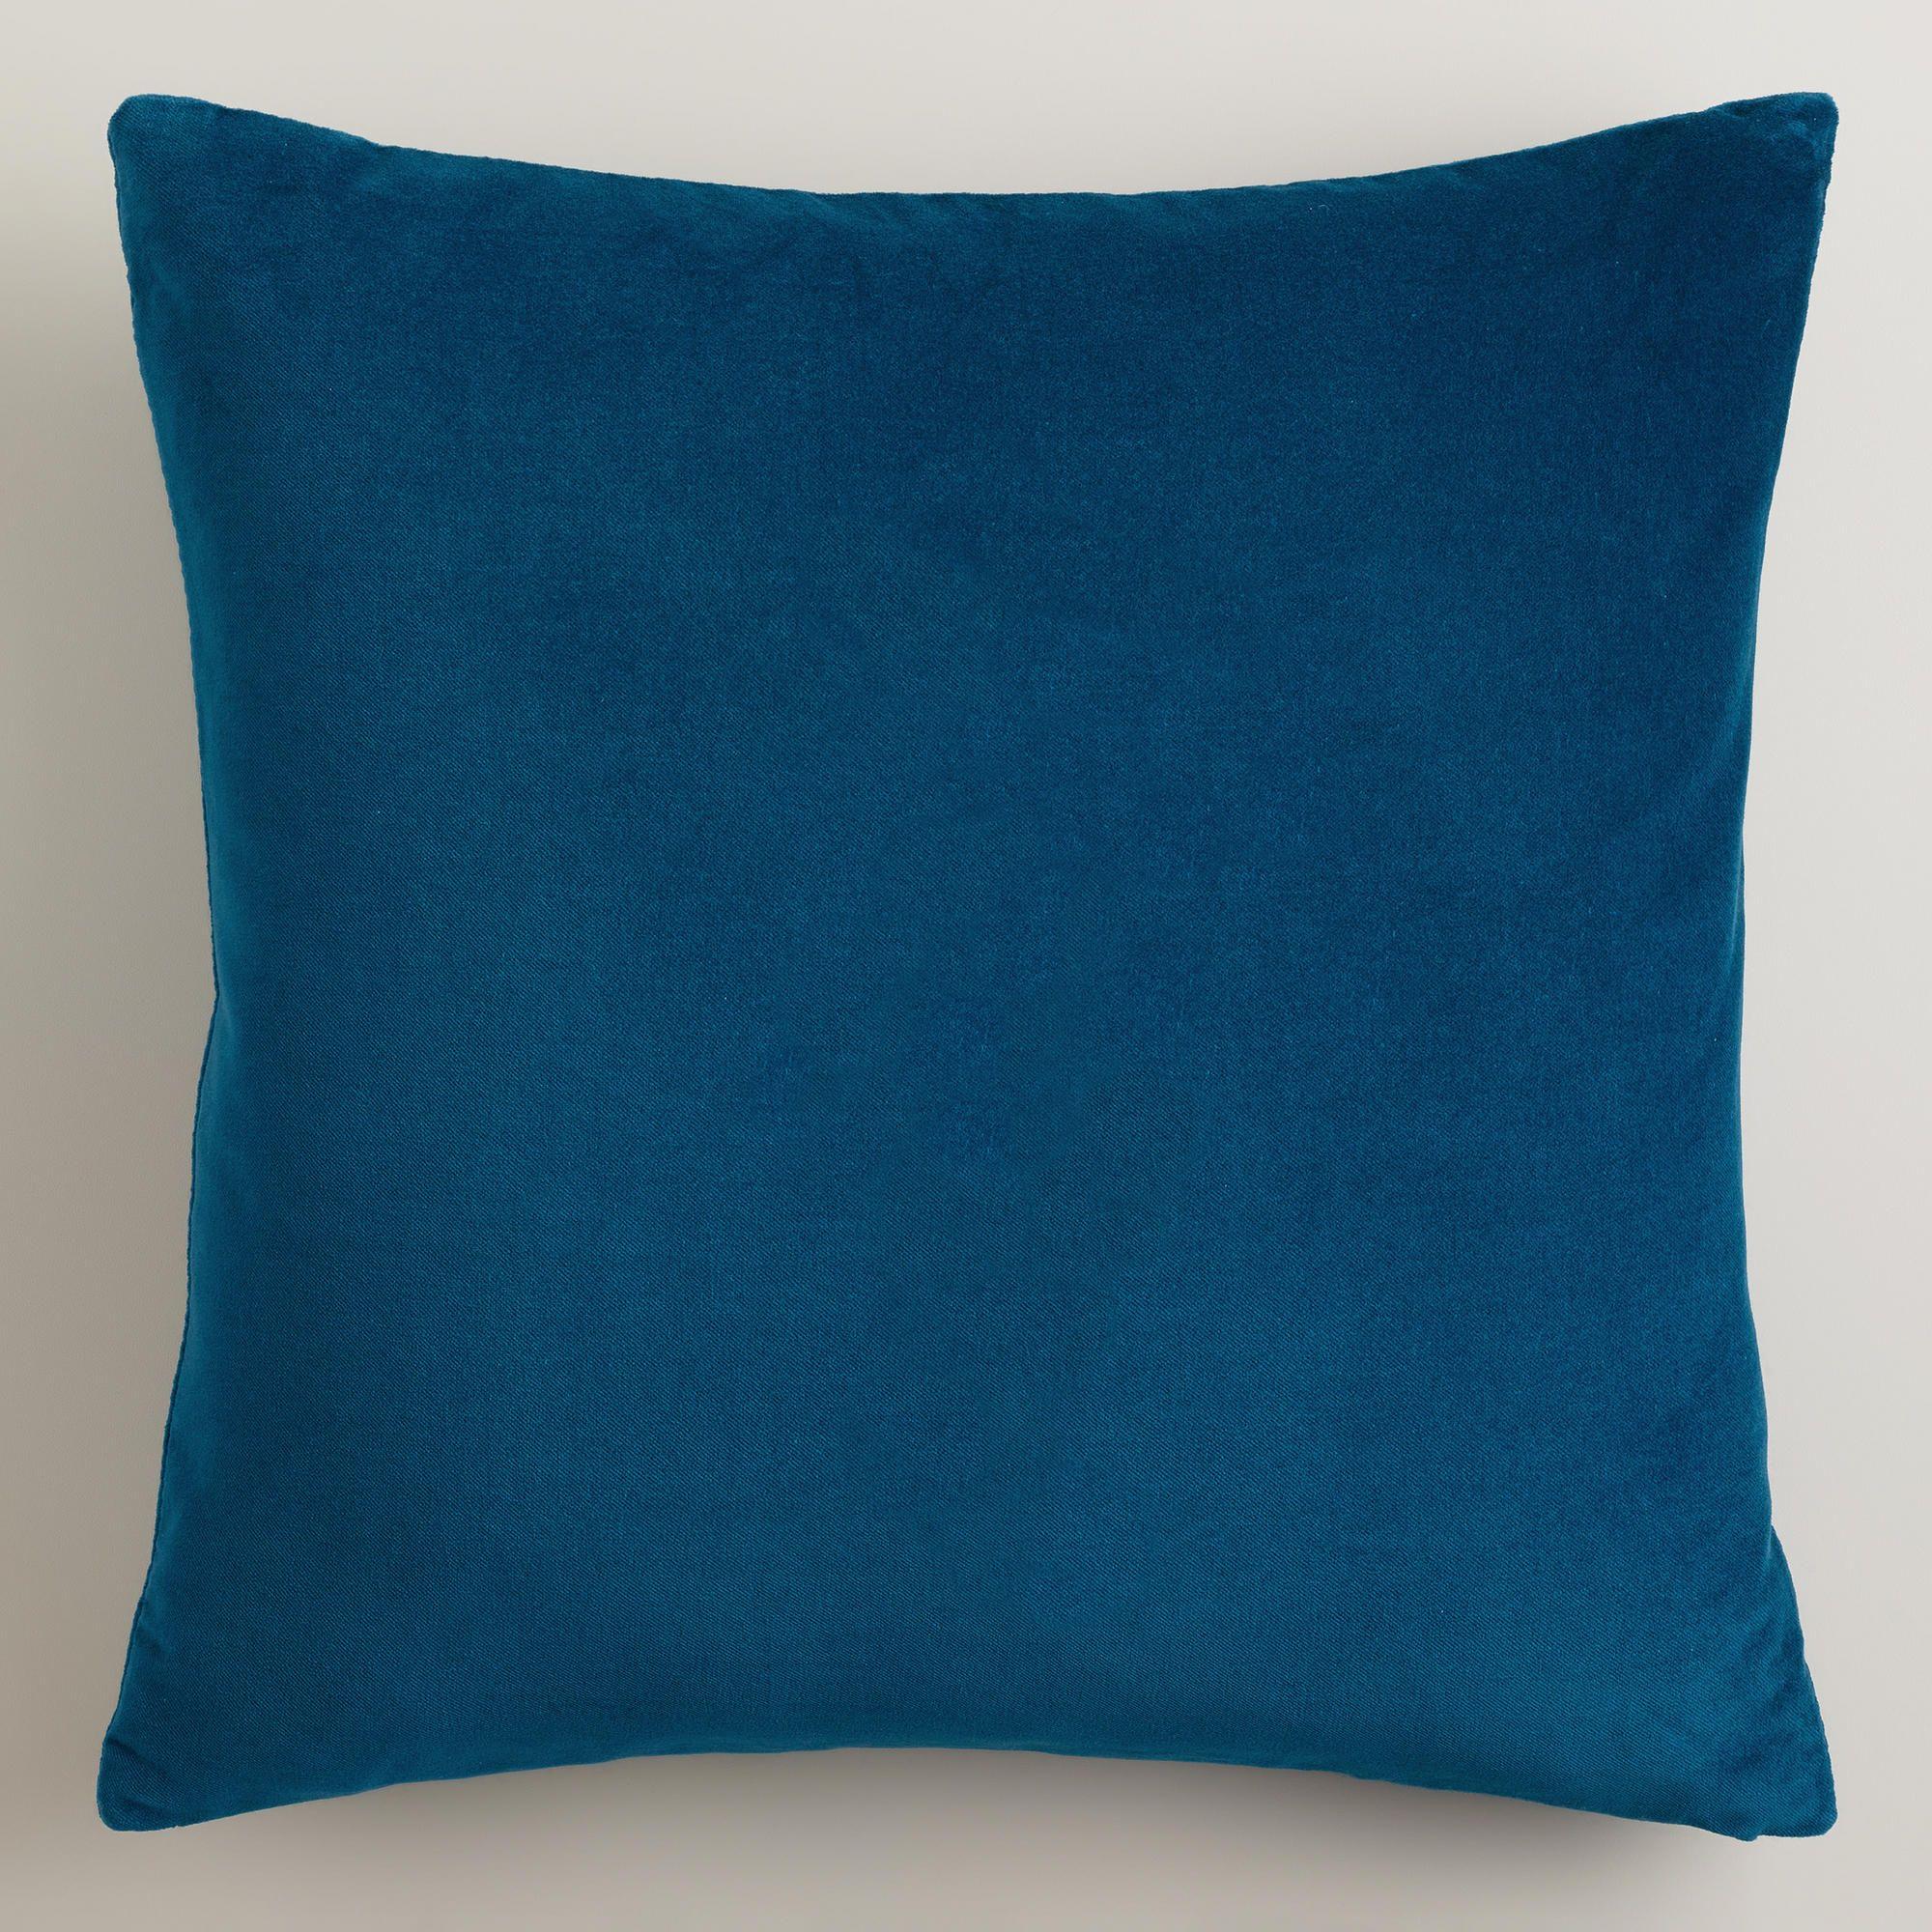 Night Blue Velvet Throw Pillows - World Market  24